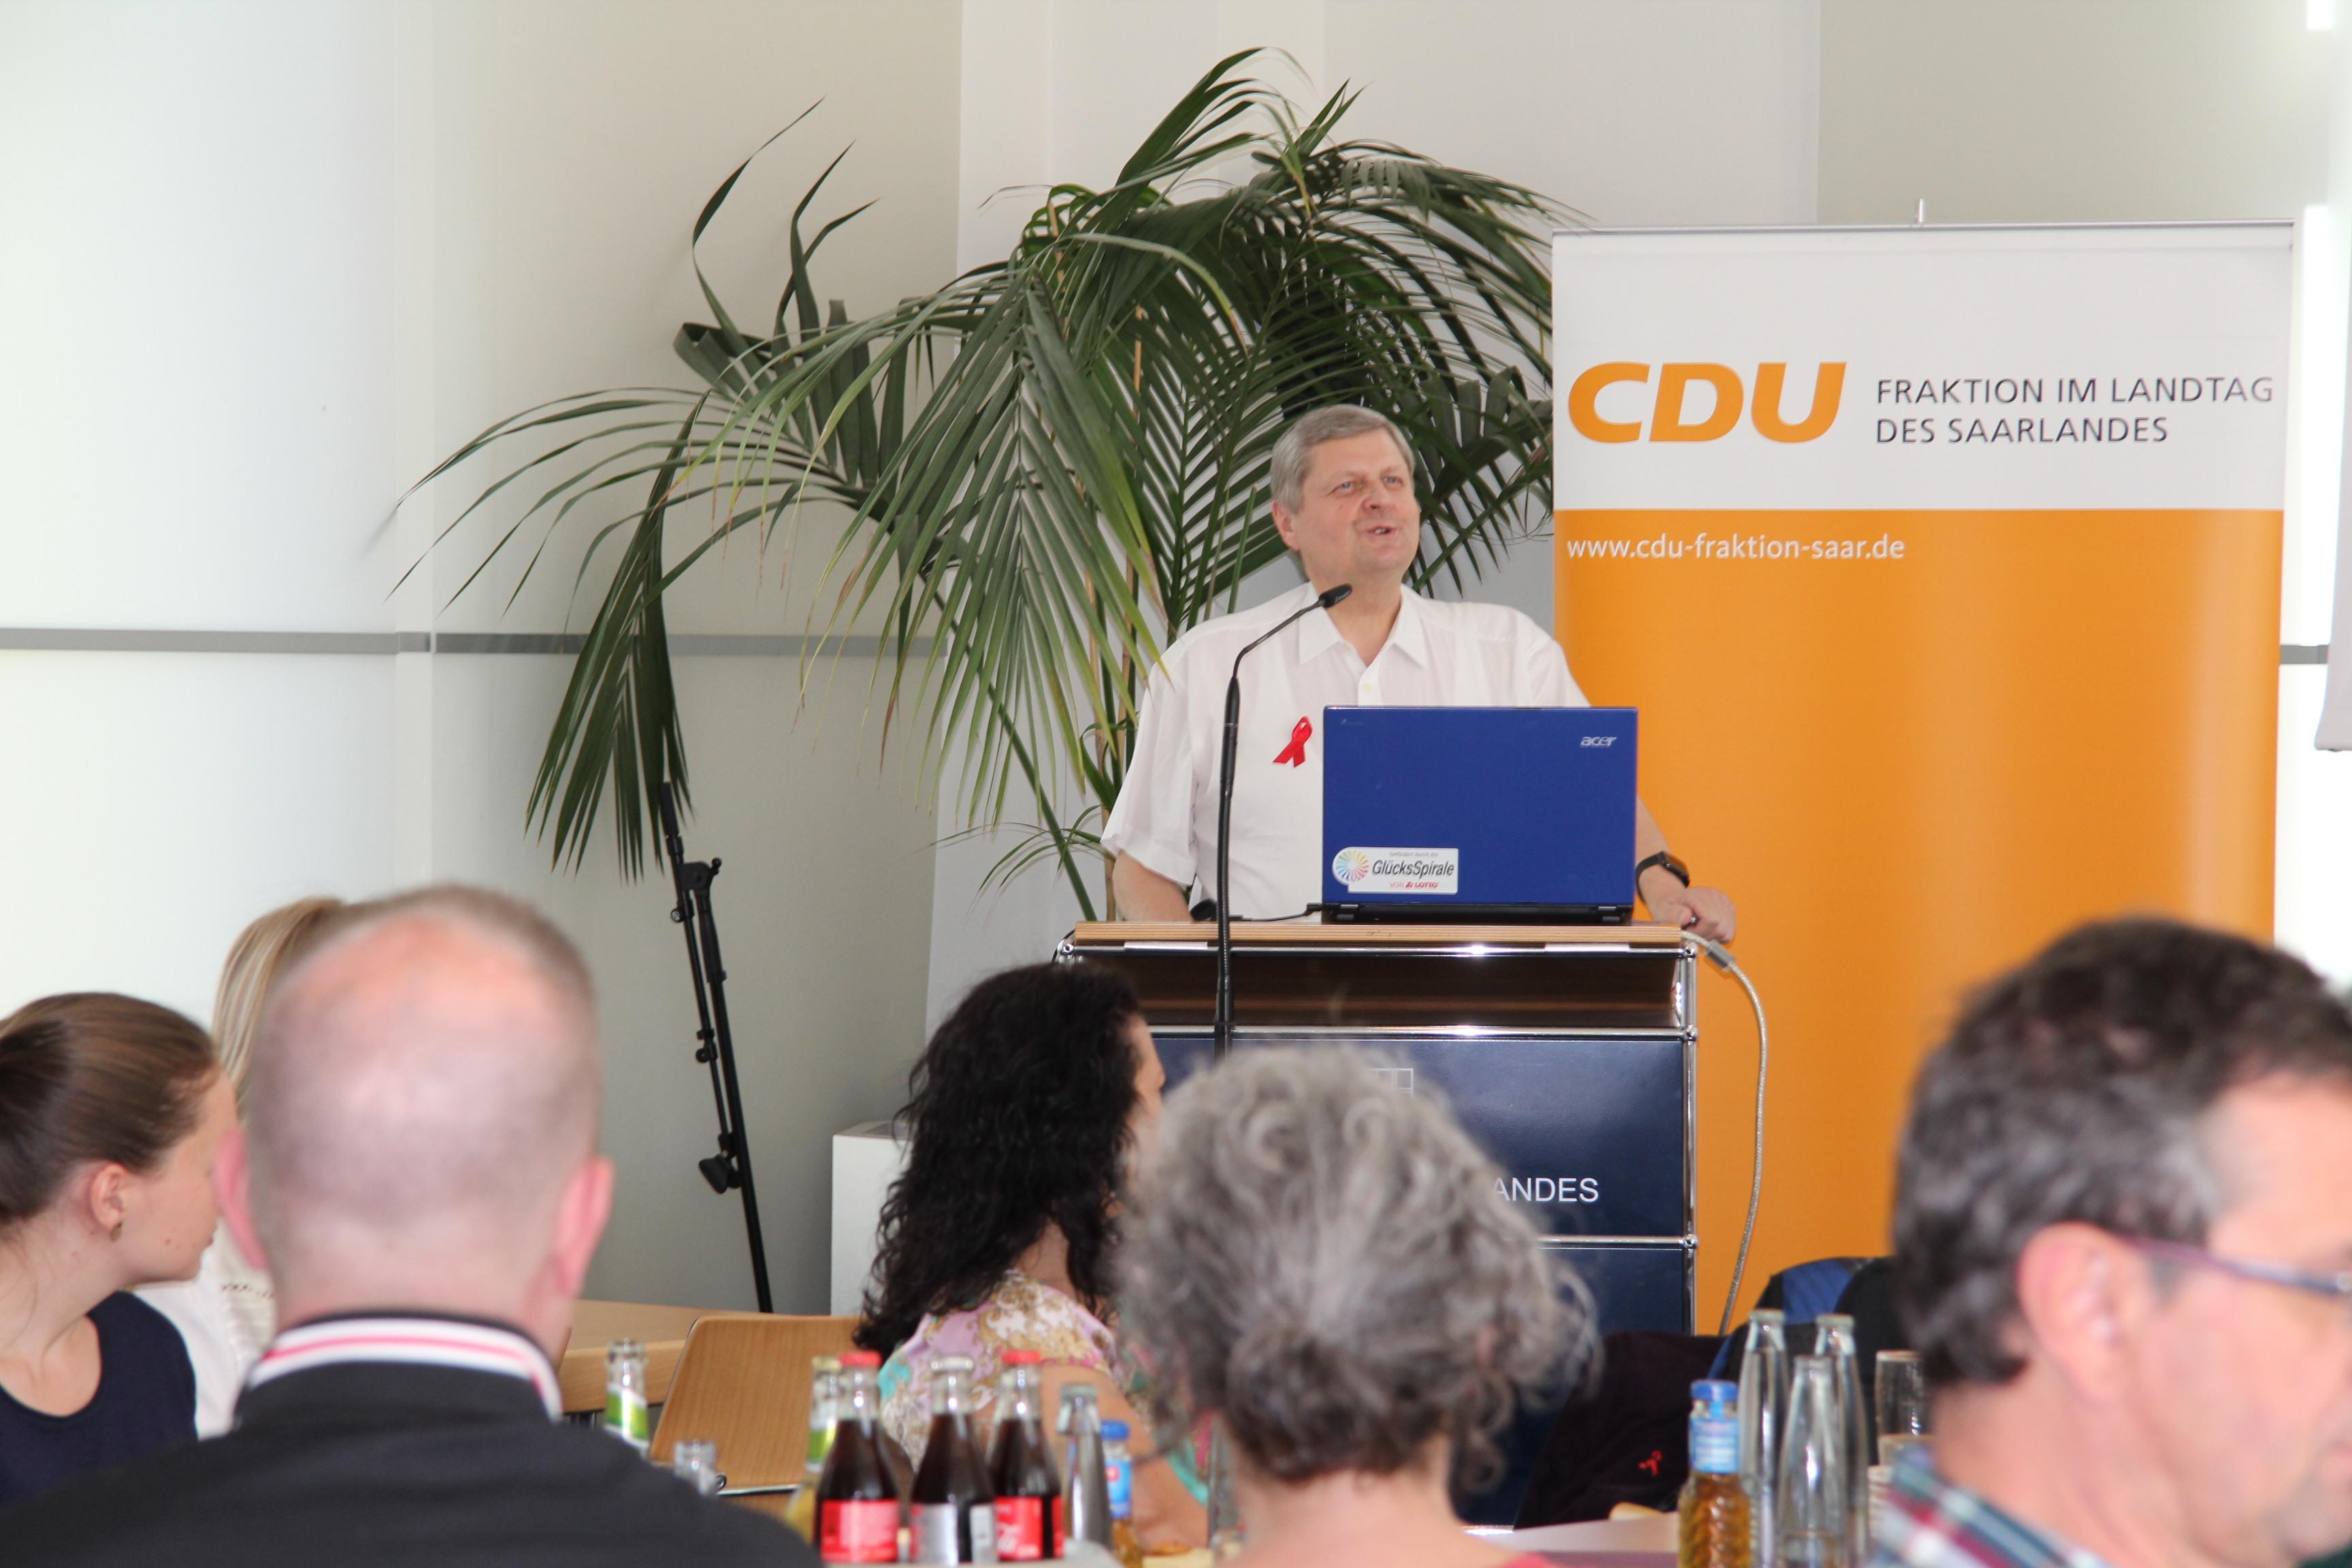 CDU Fraktion des Saarlandes: Aufklärung statt Ausgrenzung – offener Dialog über HIV und AIDS